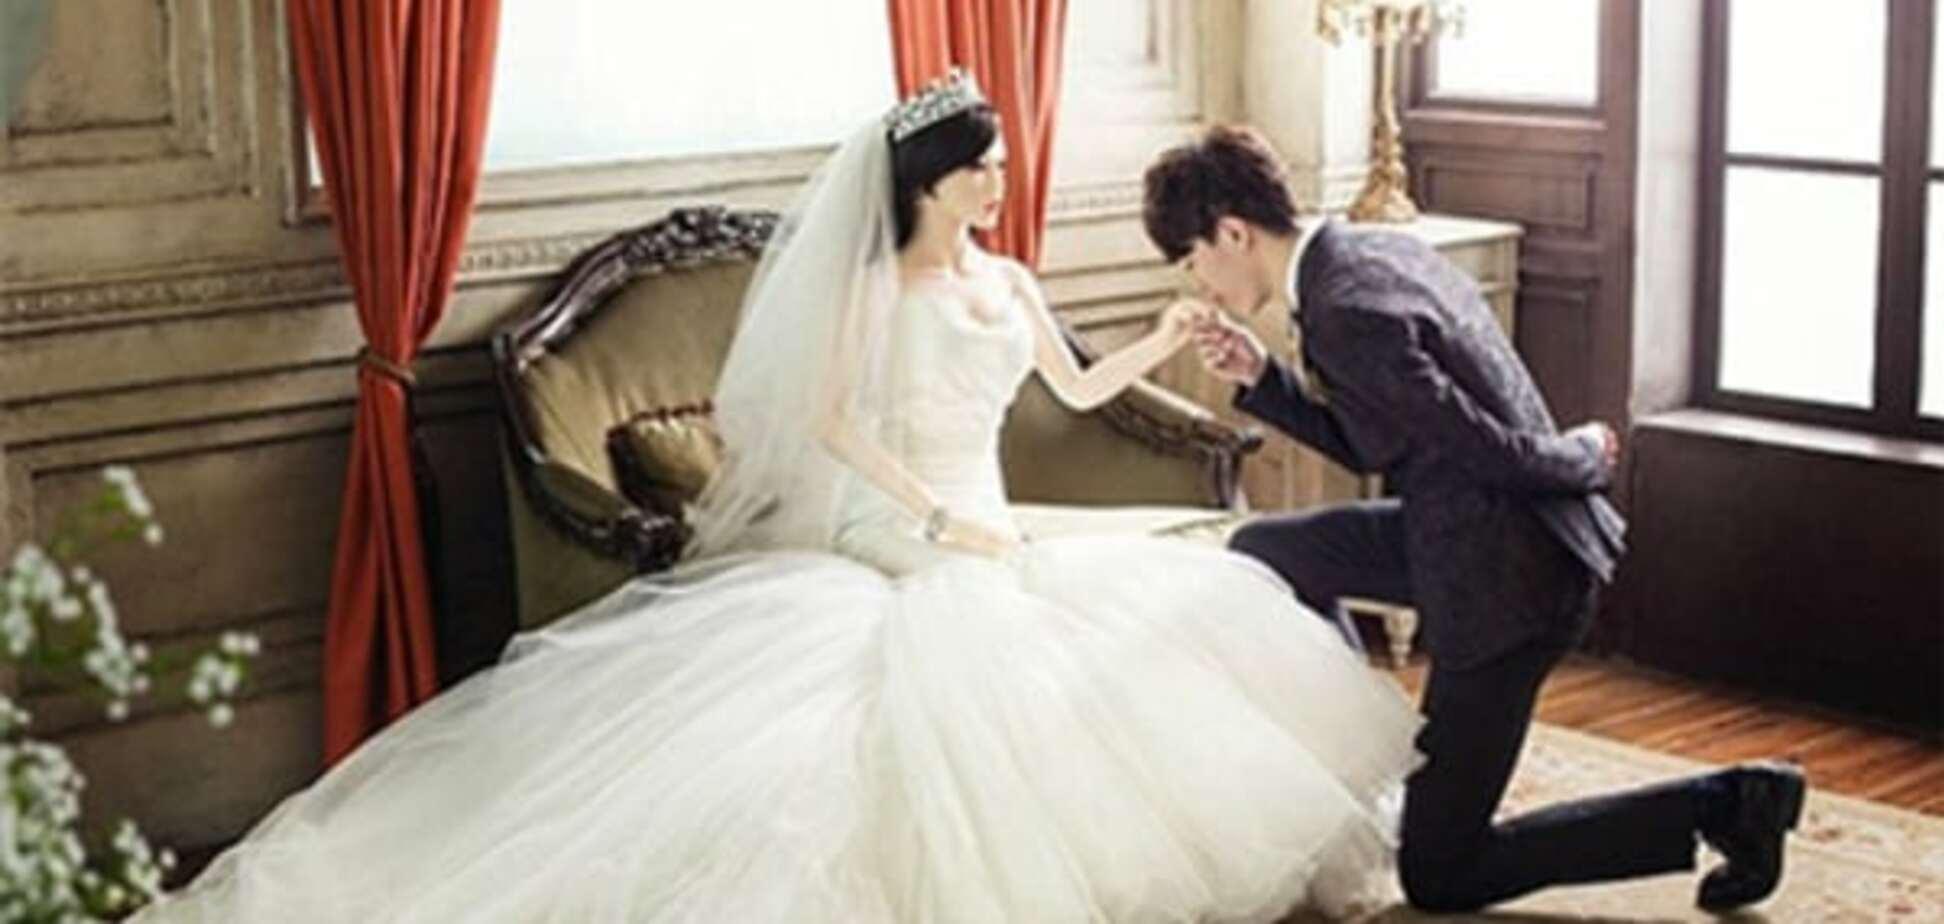 Смертельно больной китаец женился на резиновой женщине